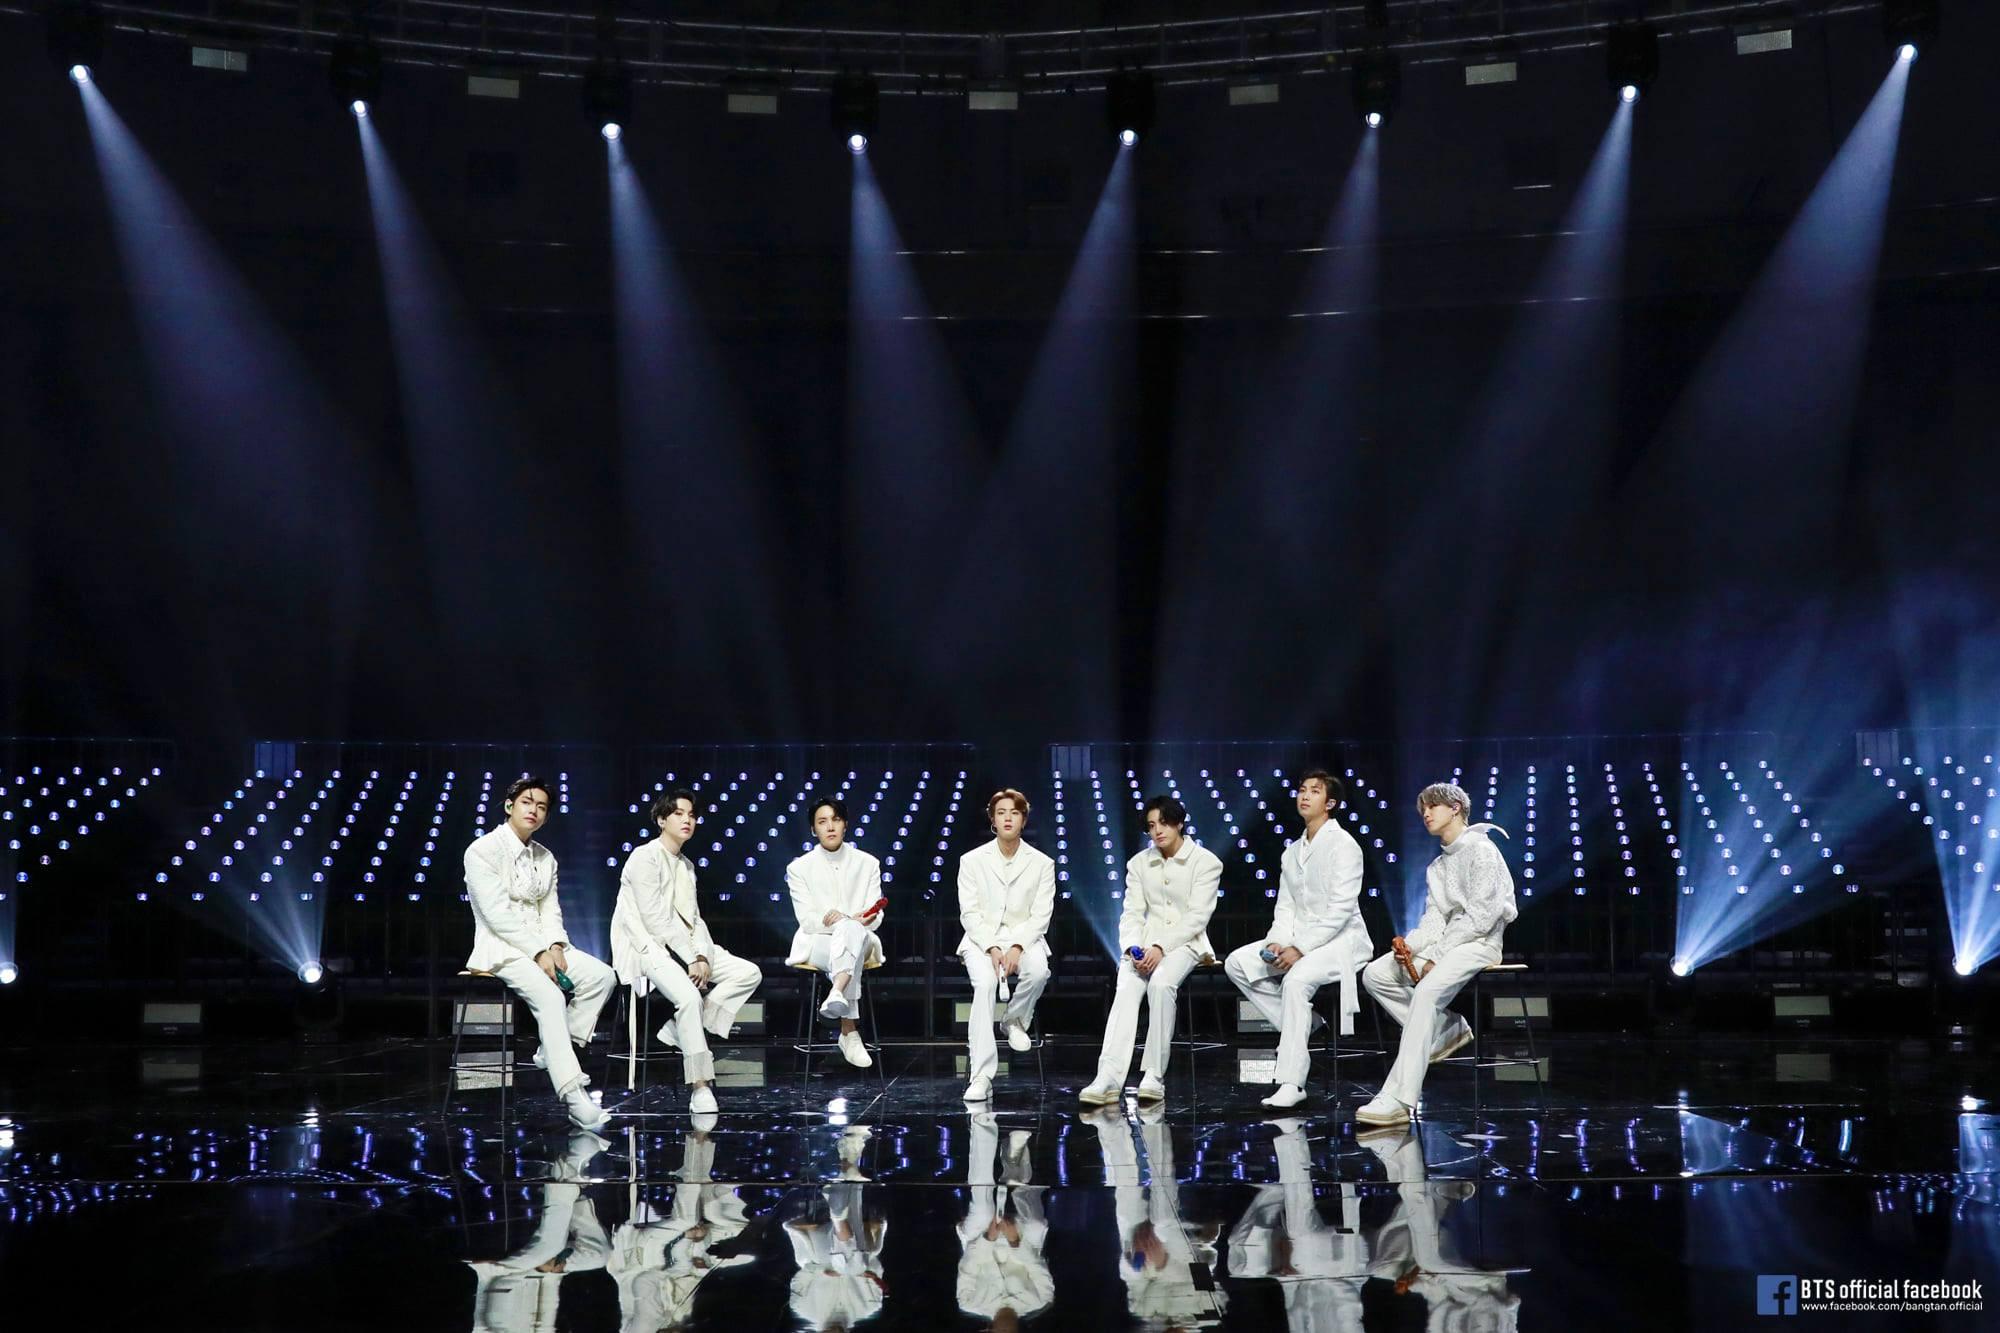 IMAGEM: Coreia do Sul aprova lei para integrantes do BTS adiarem serviço militar